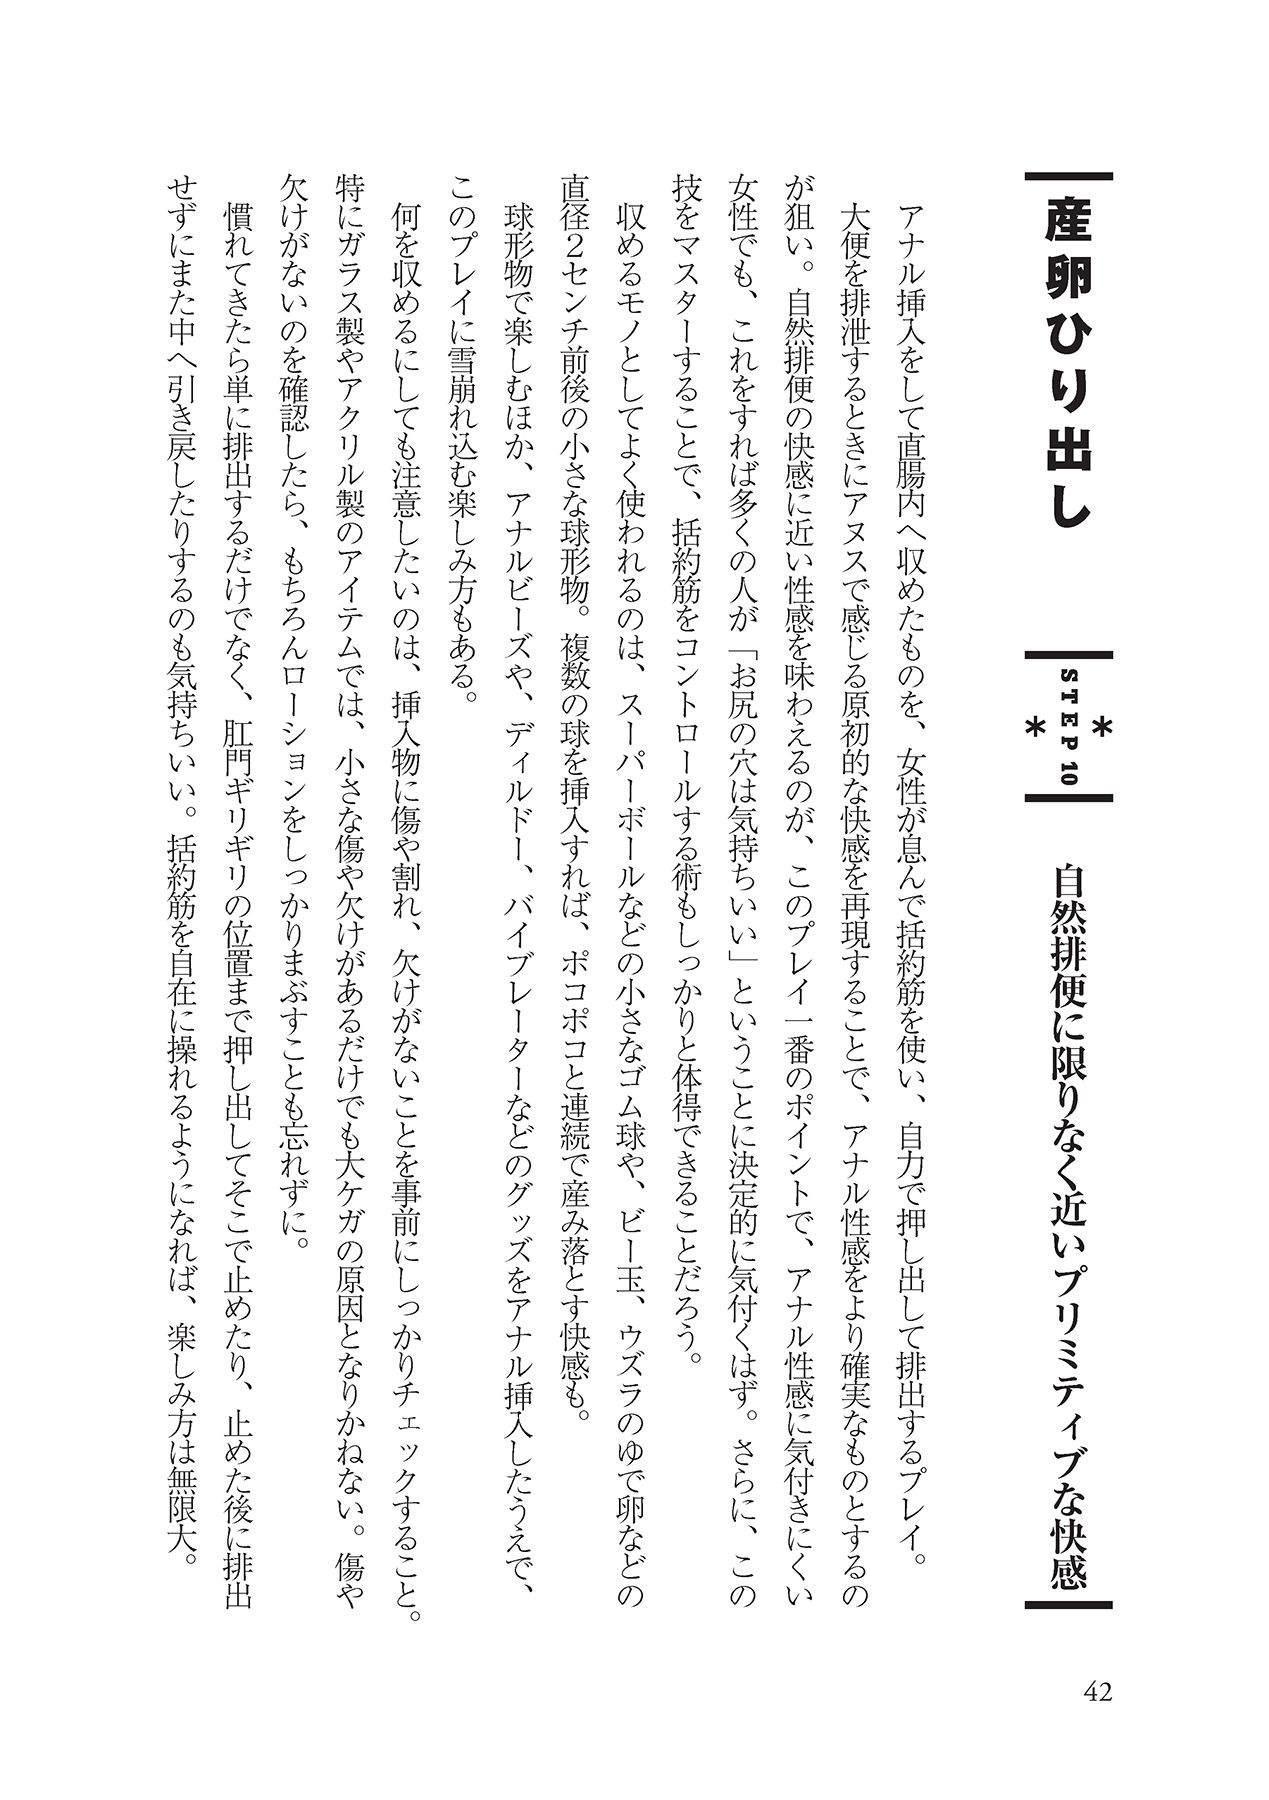 アナル性感開発・お尻エッチ 完全マニュアル 43